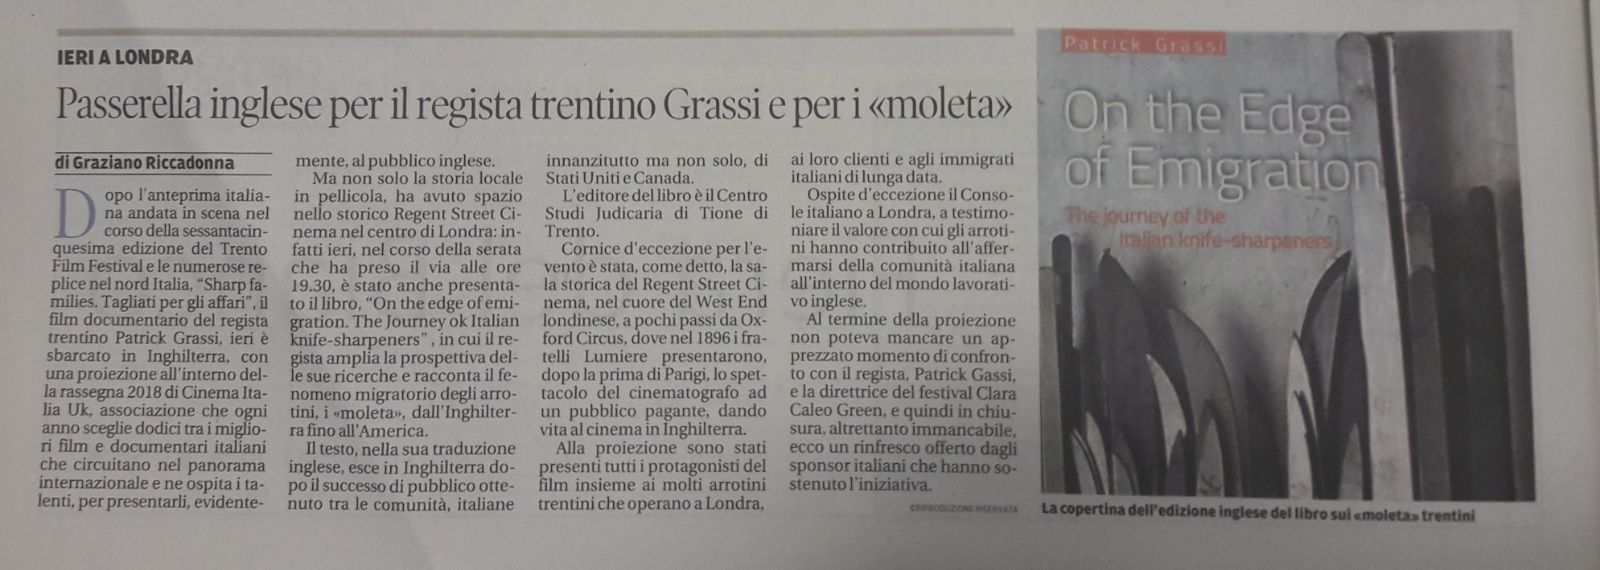 Il Trentino, 17 gennaio 2018                           Di Graziano Riccadonna